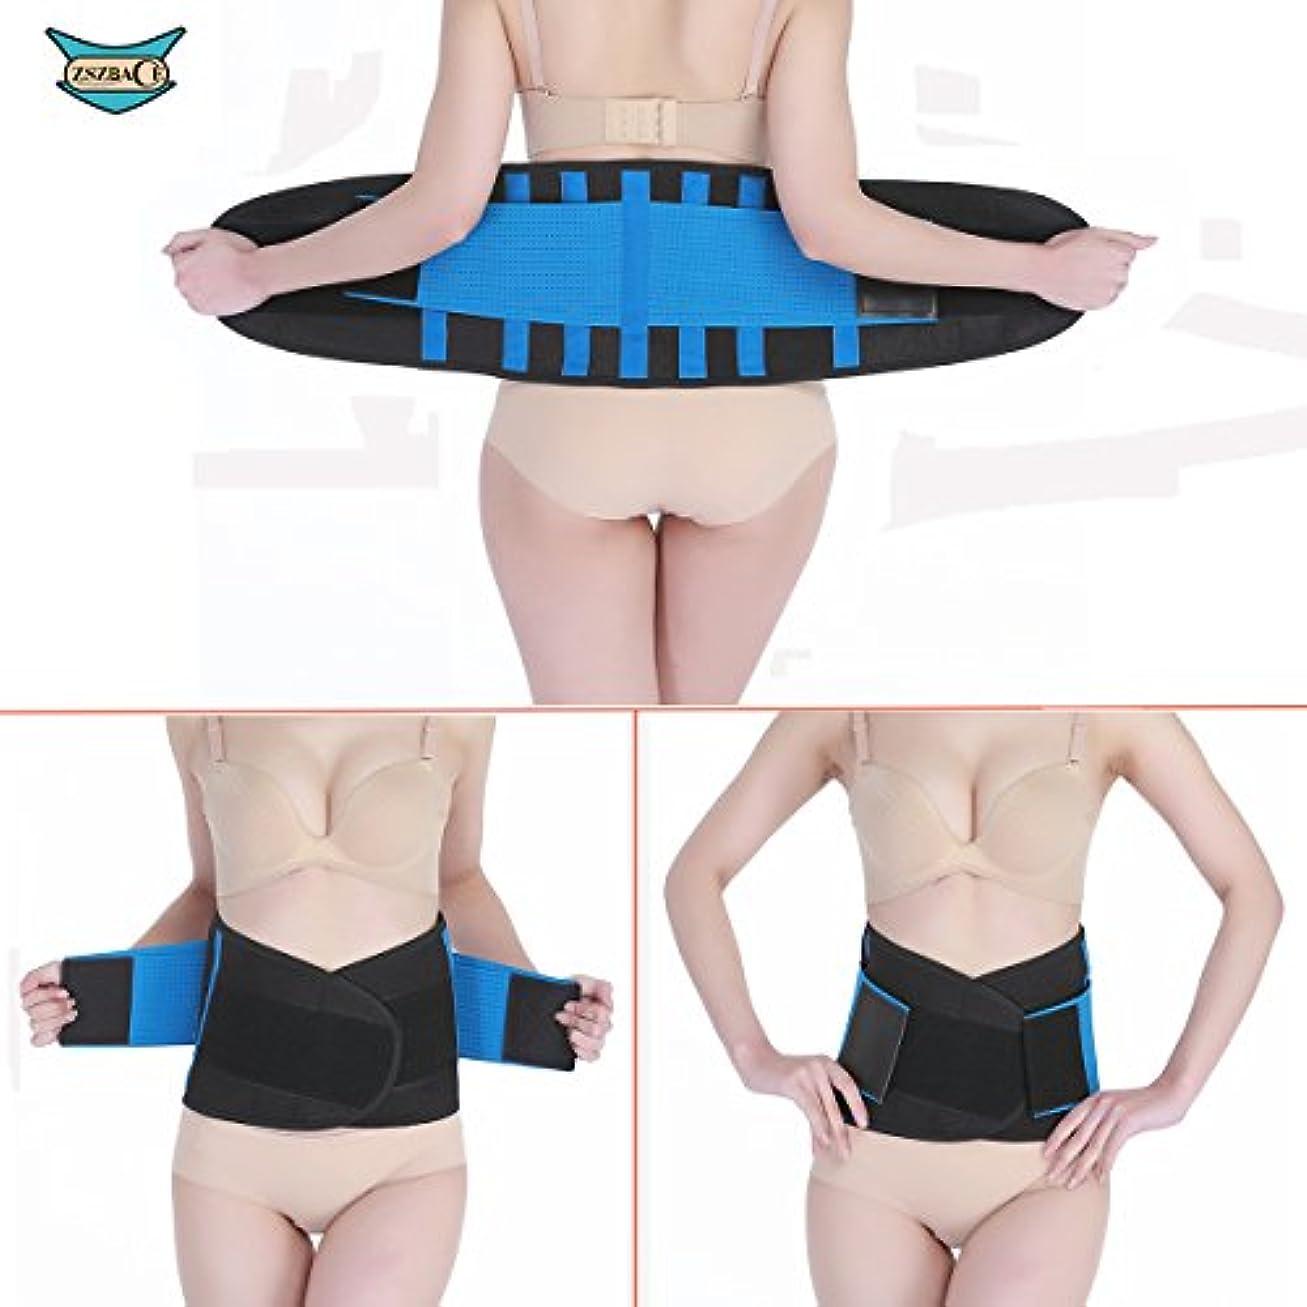 腰サポーター 骨盤ベルト 幅広タイプで固定力抜群 腹巻でシェイプアップ 腰保護コルセット (M=長さ約97cm(72-81cm))